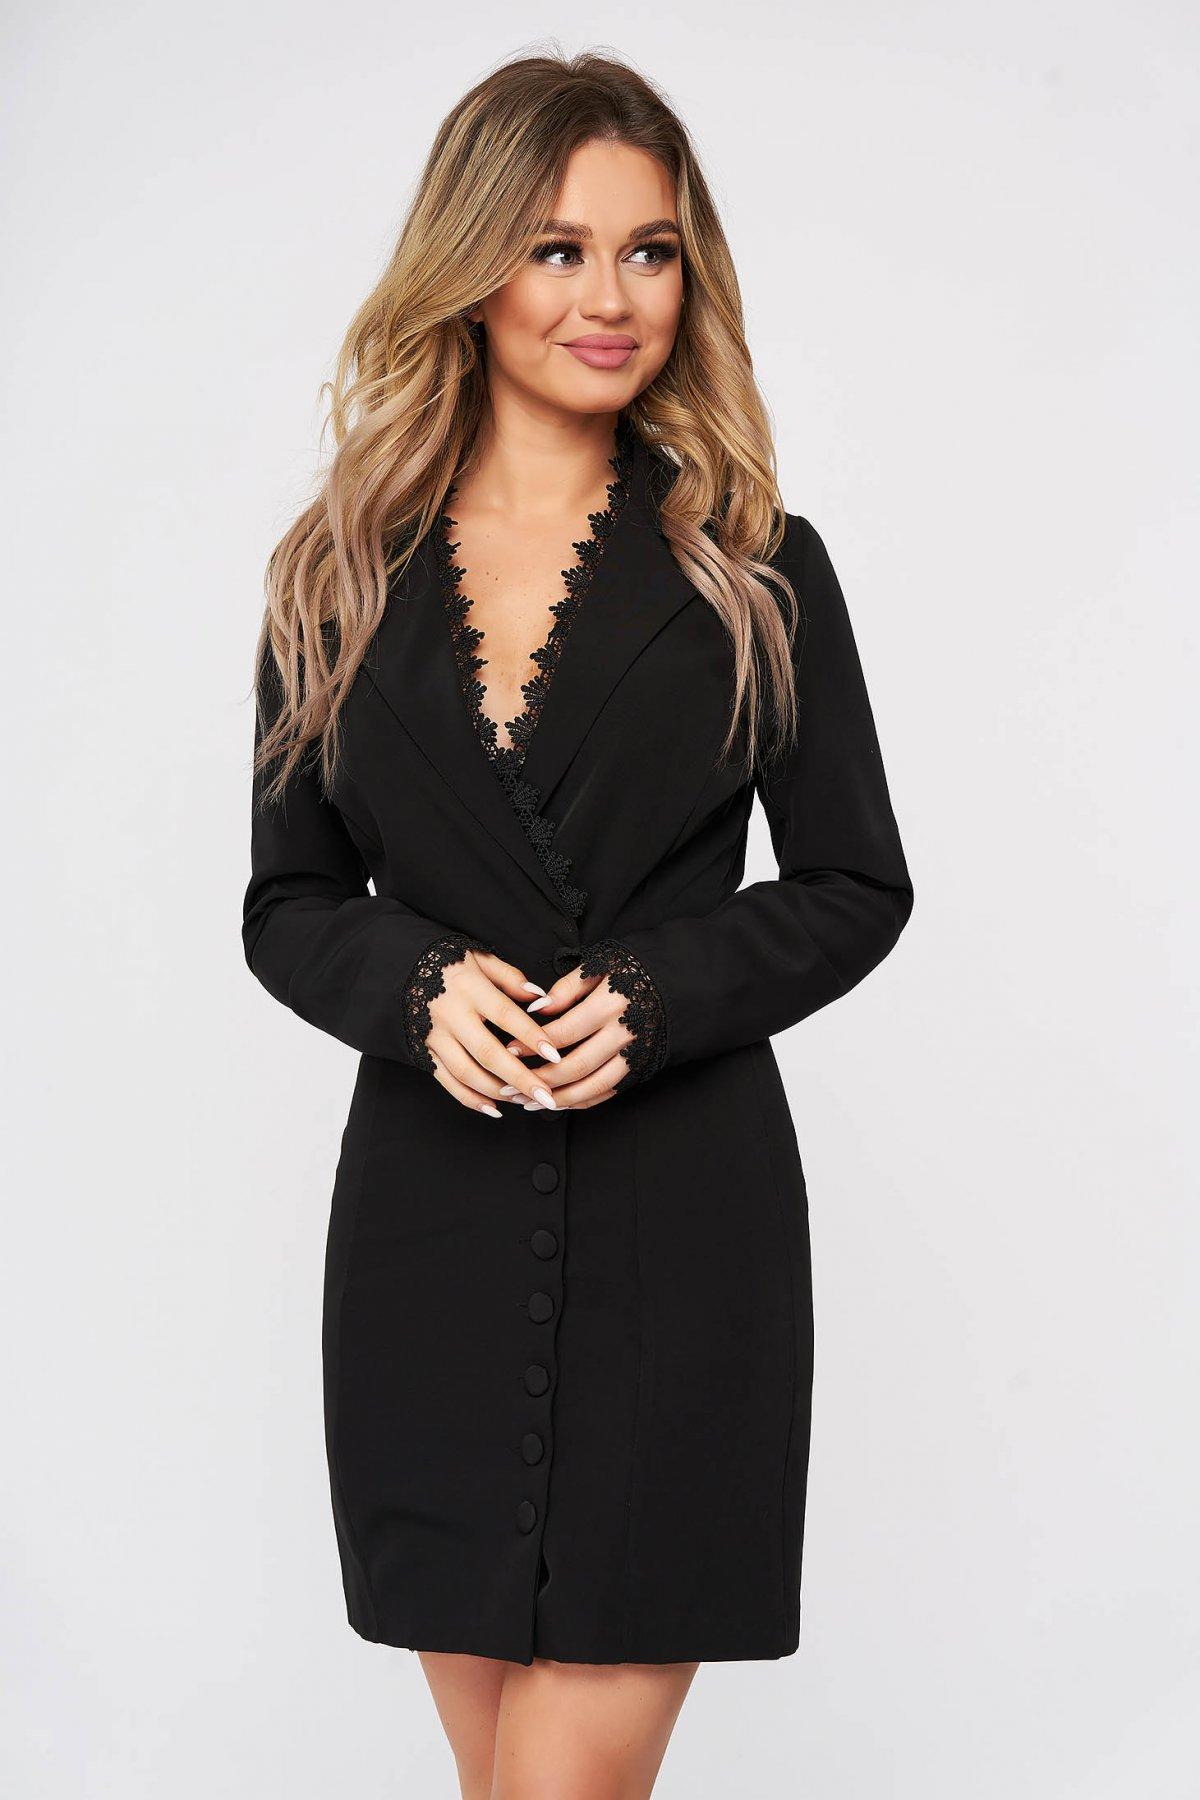 Rochie SunShine neagra eleganta scurta din stofa tip sacou cu insertii de broderie